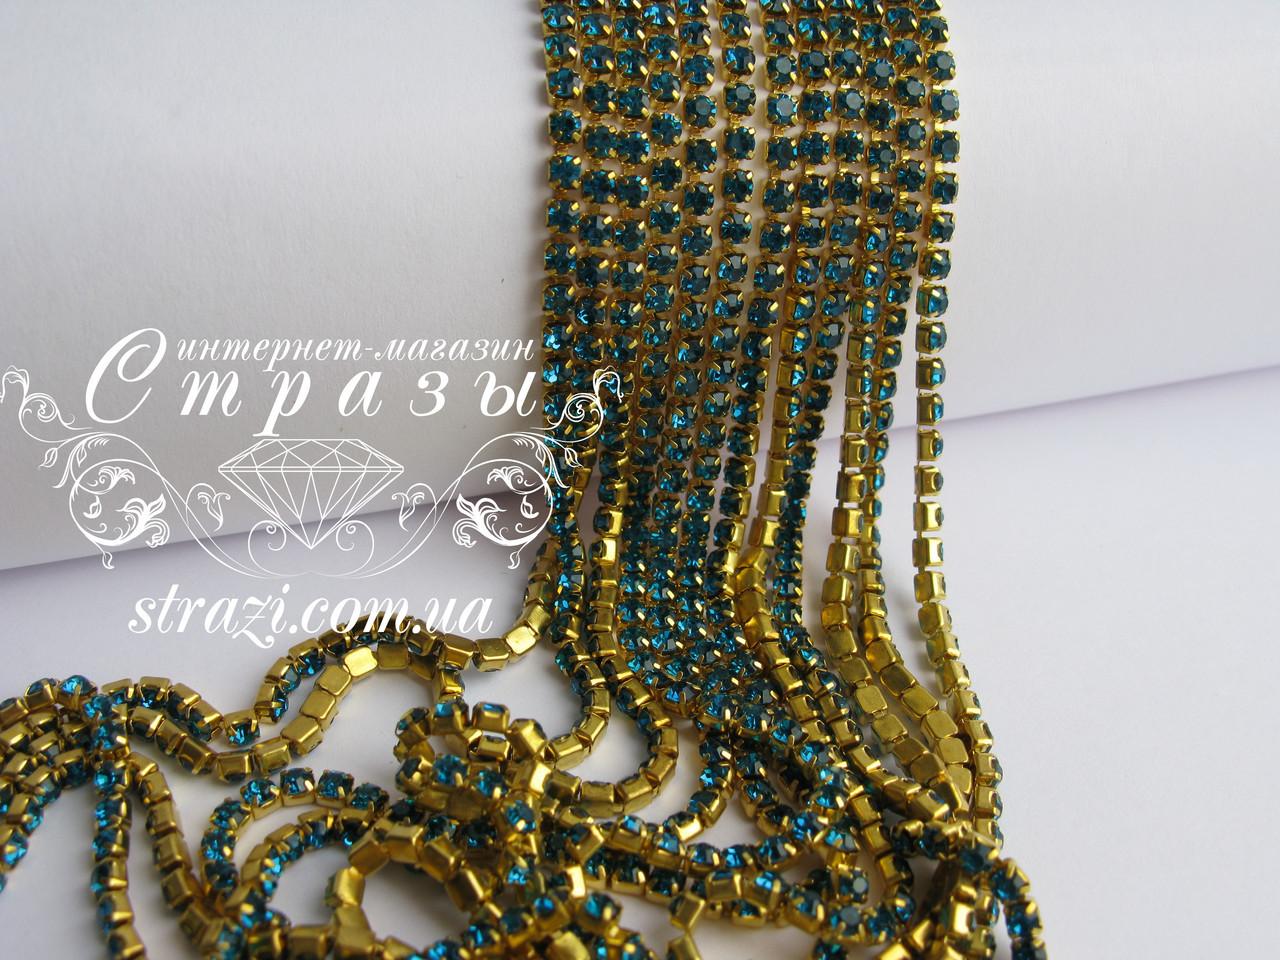 Цепочка со стразами ss12 Blue Zircon Gold, 1м.